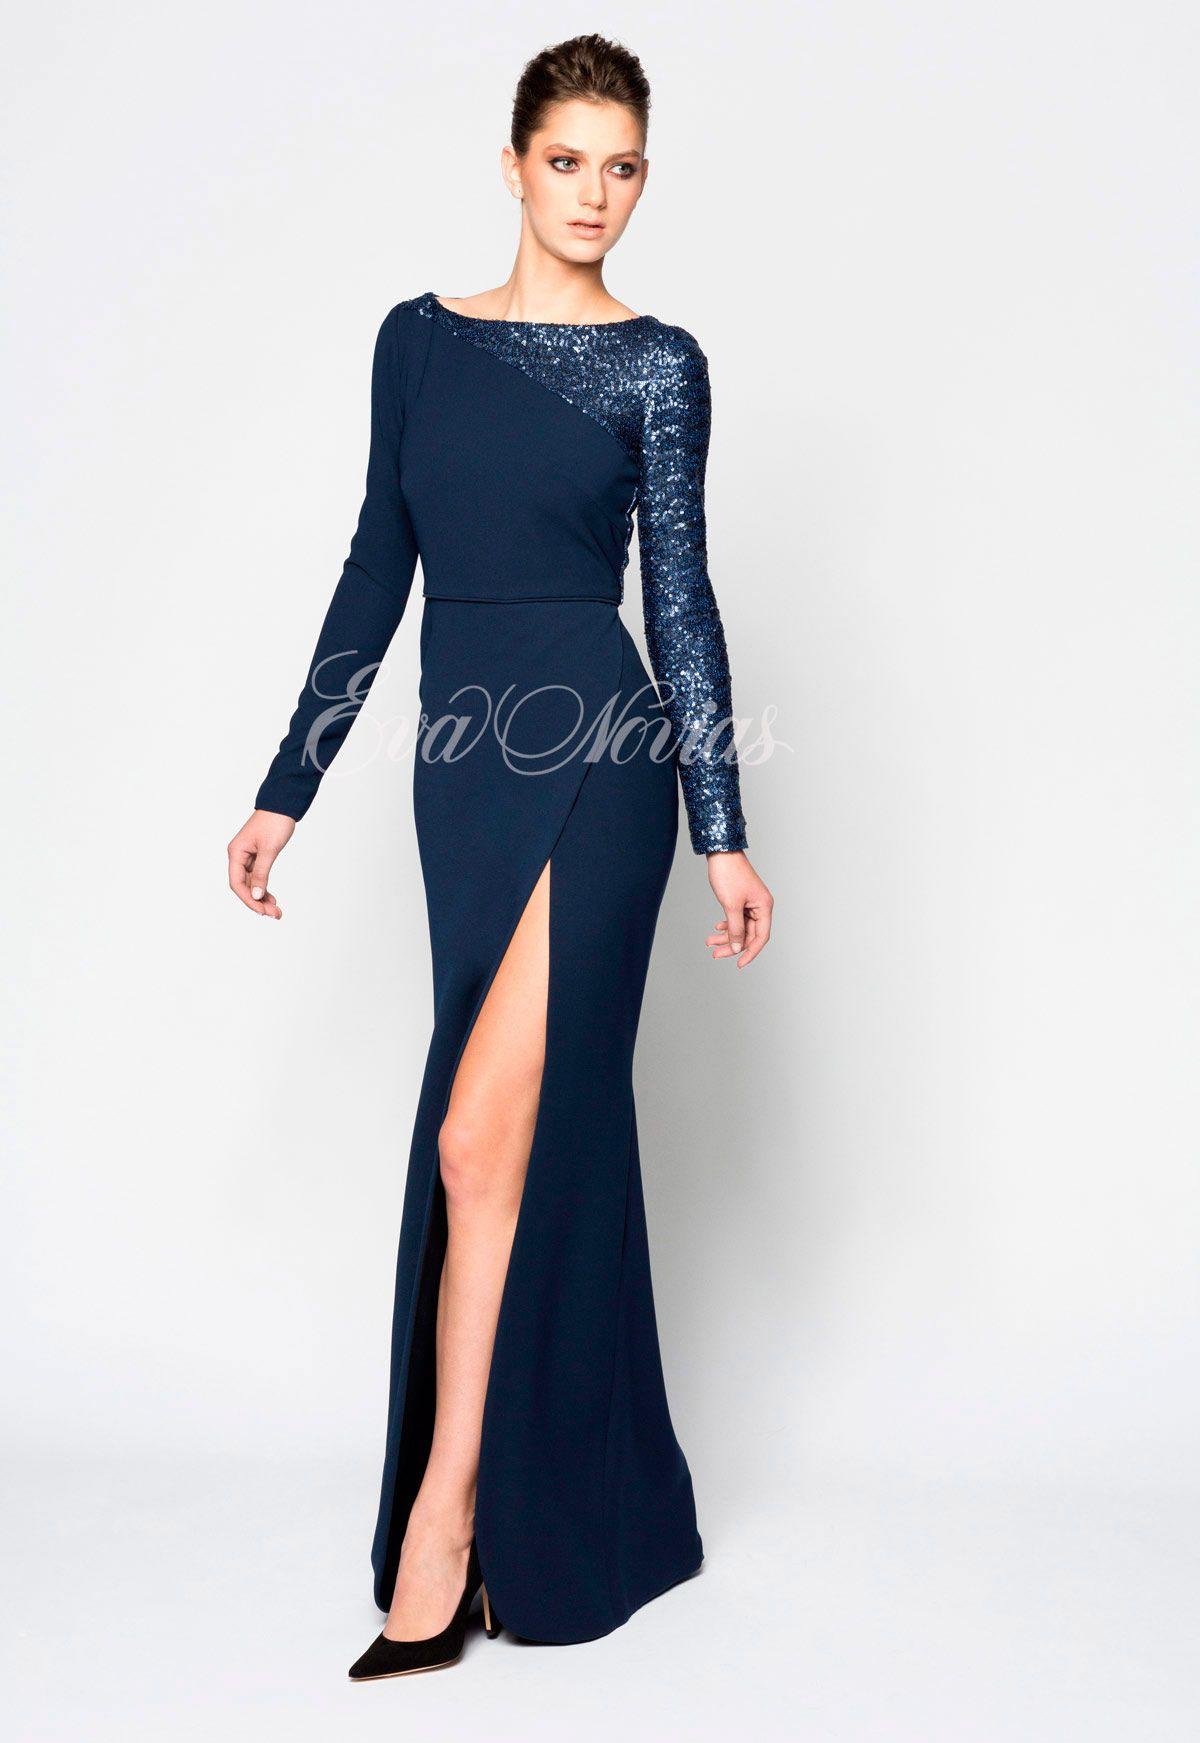 aae2522042 Vestido de fiesta o madrina Victoria coleccion 2017 Modelo Aniversario en  exclusiva en Madrid para Eva Novias Calle Goya